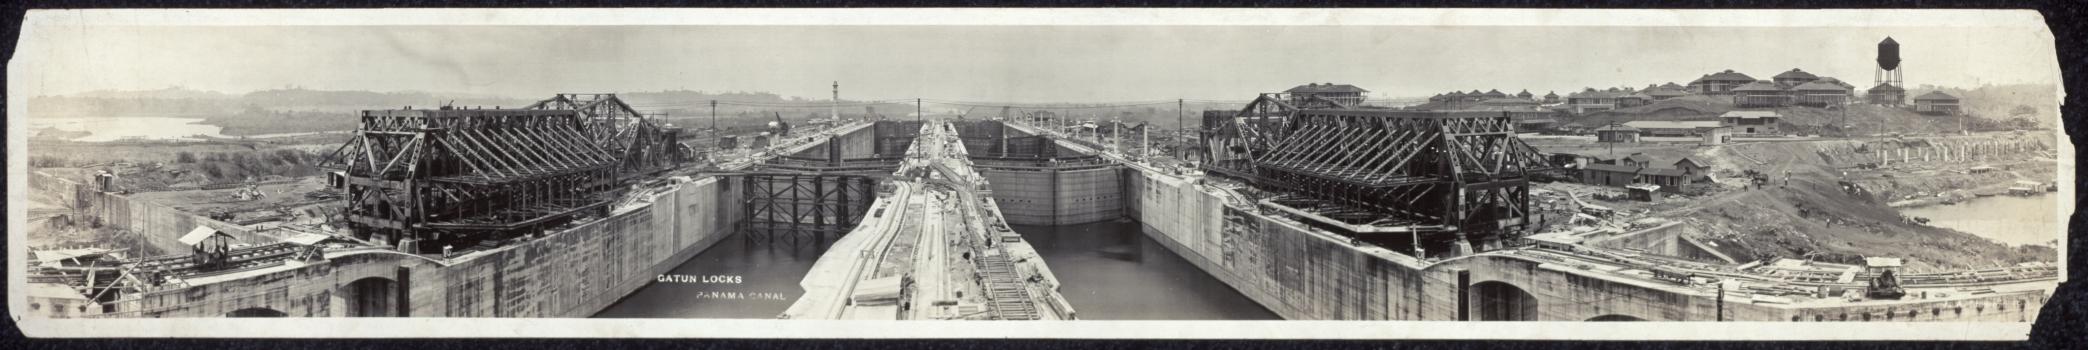 Panamakanal: Bau der Schleusen von Gatún